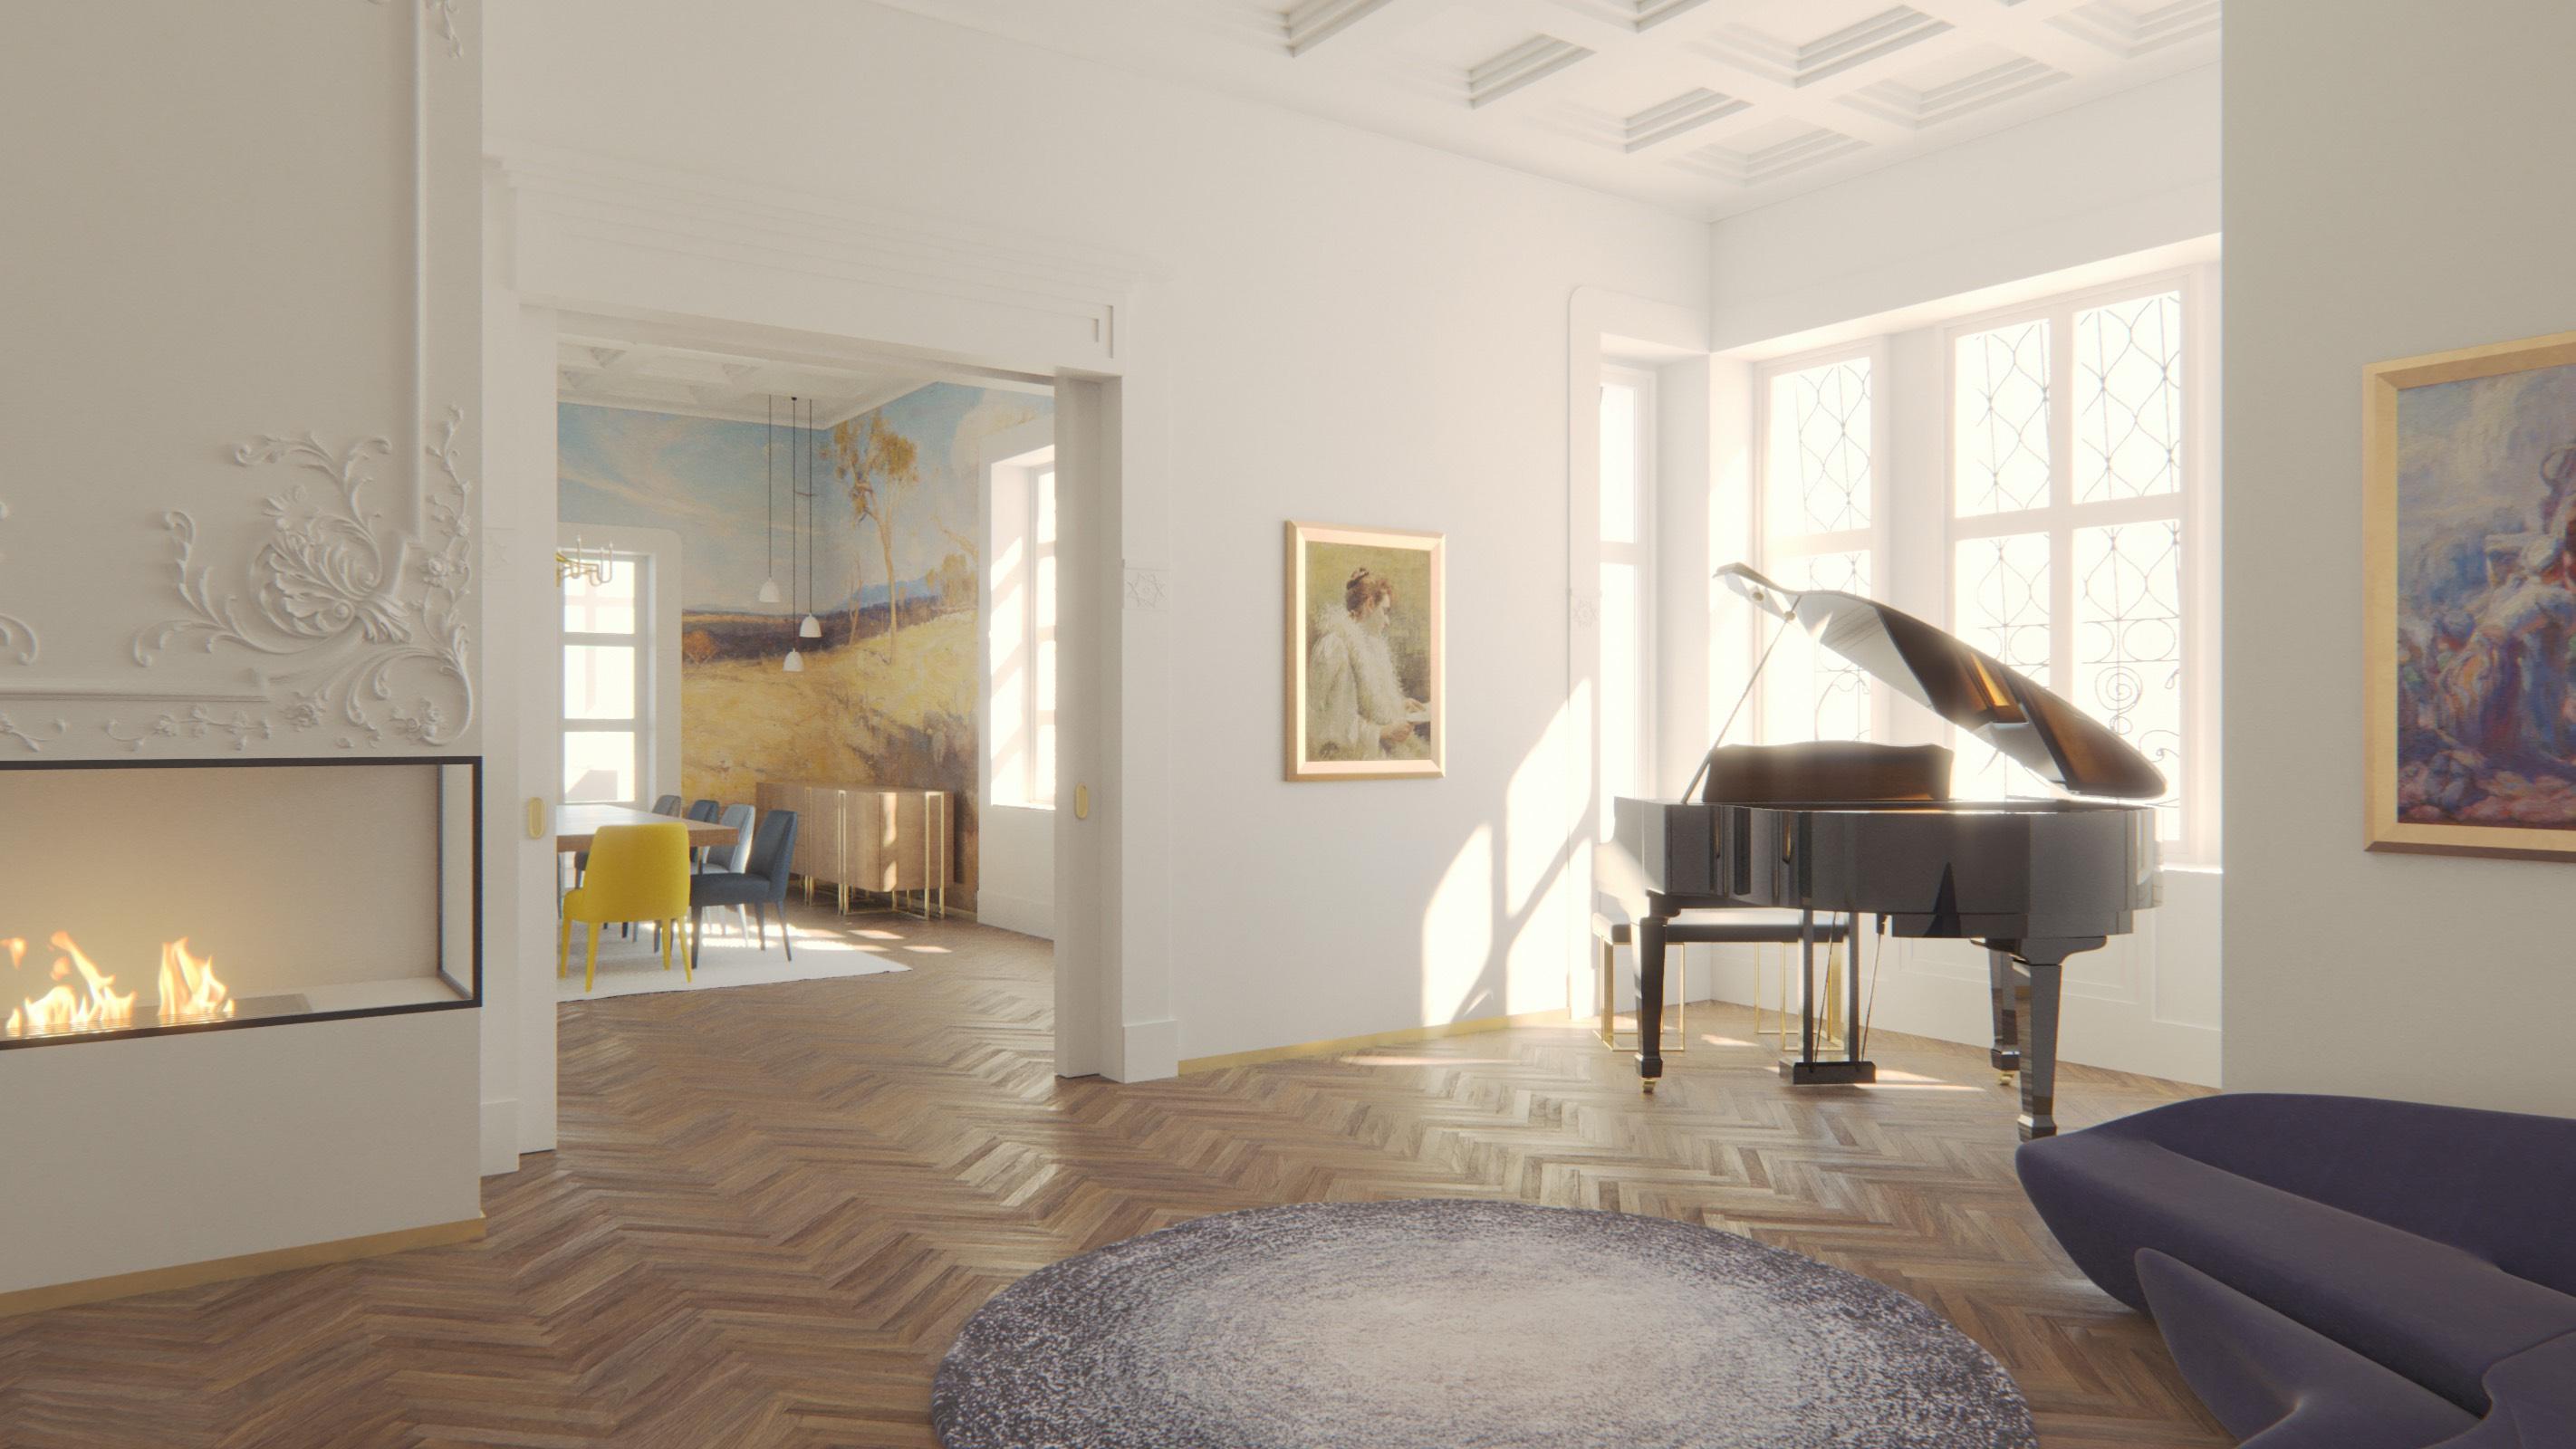 JUMA DESIGN   21D Visualisierung, Architectur, Design